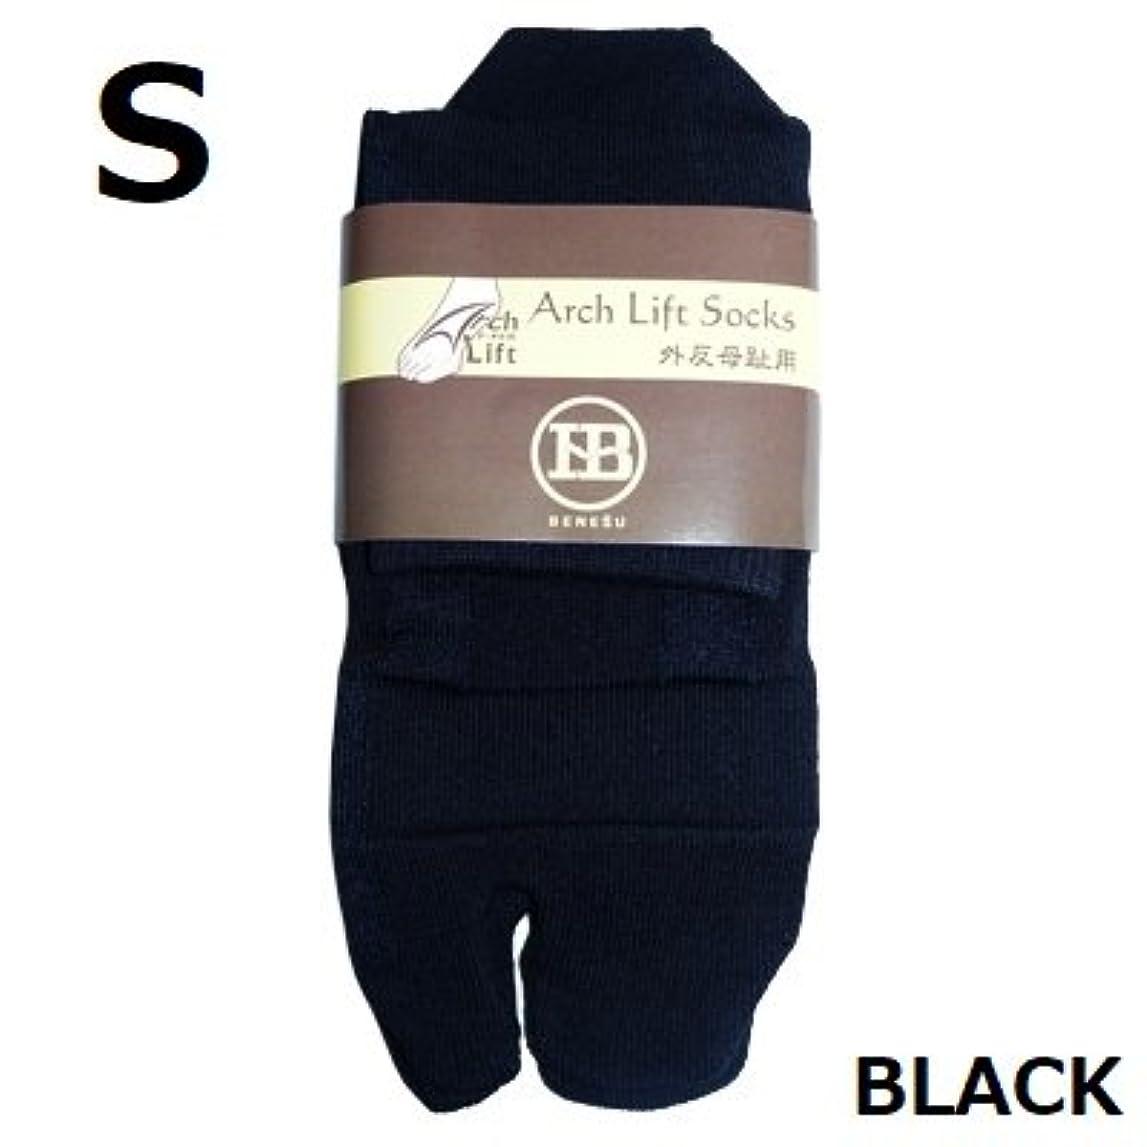 うっかりショップ魅了するアーチライフソックス 外反母趾 テーピング加工靴下 サポーター(カラー:黒色)(サイズ:S)